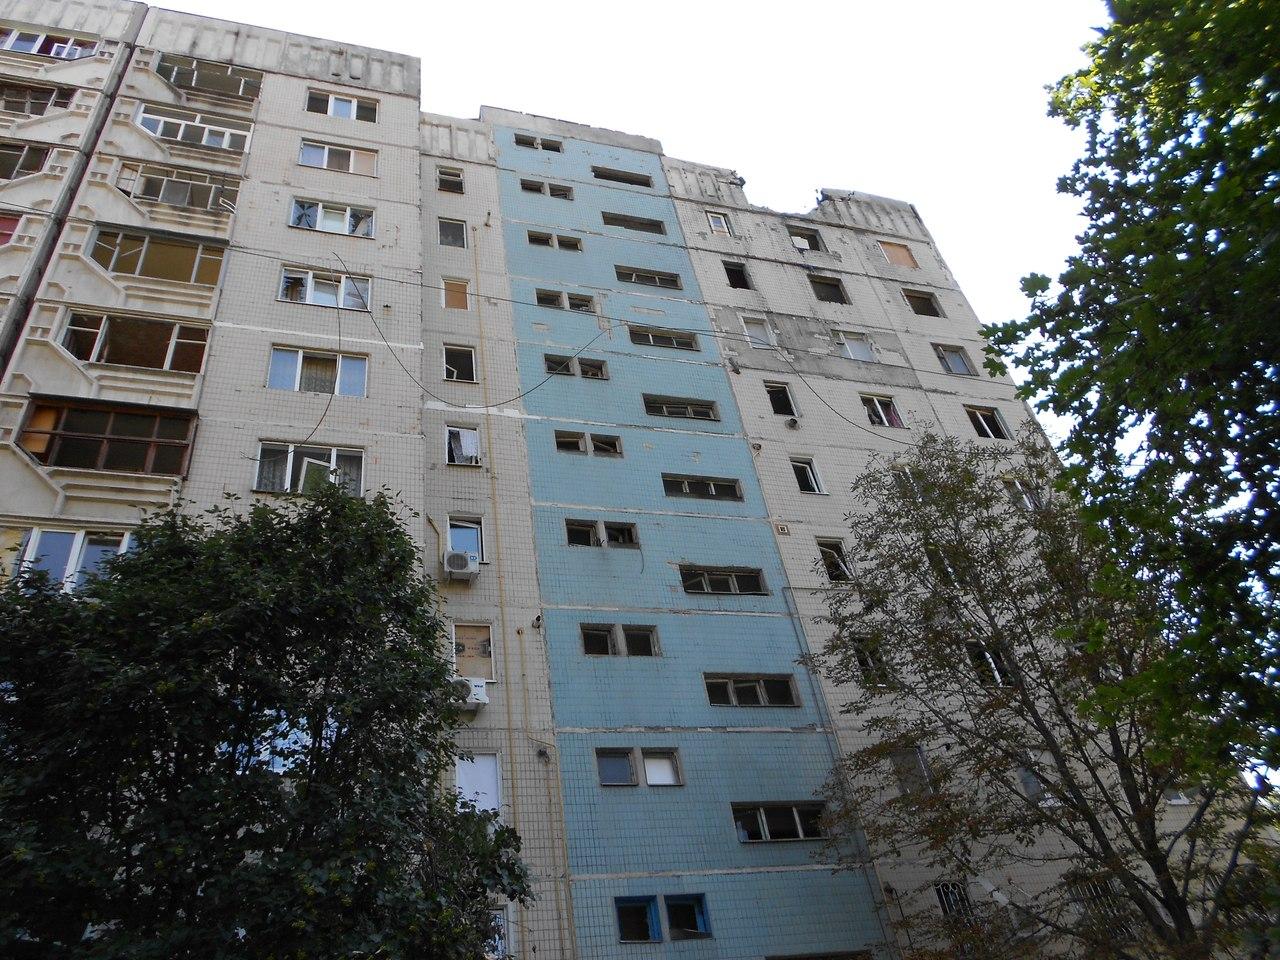 Луганск квартал заречный 13 фото 8